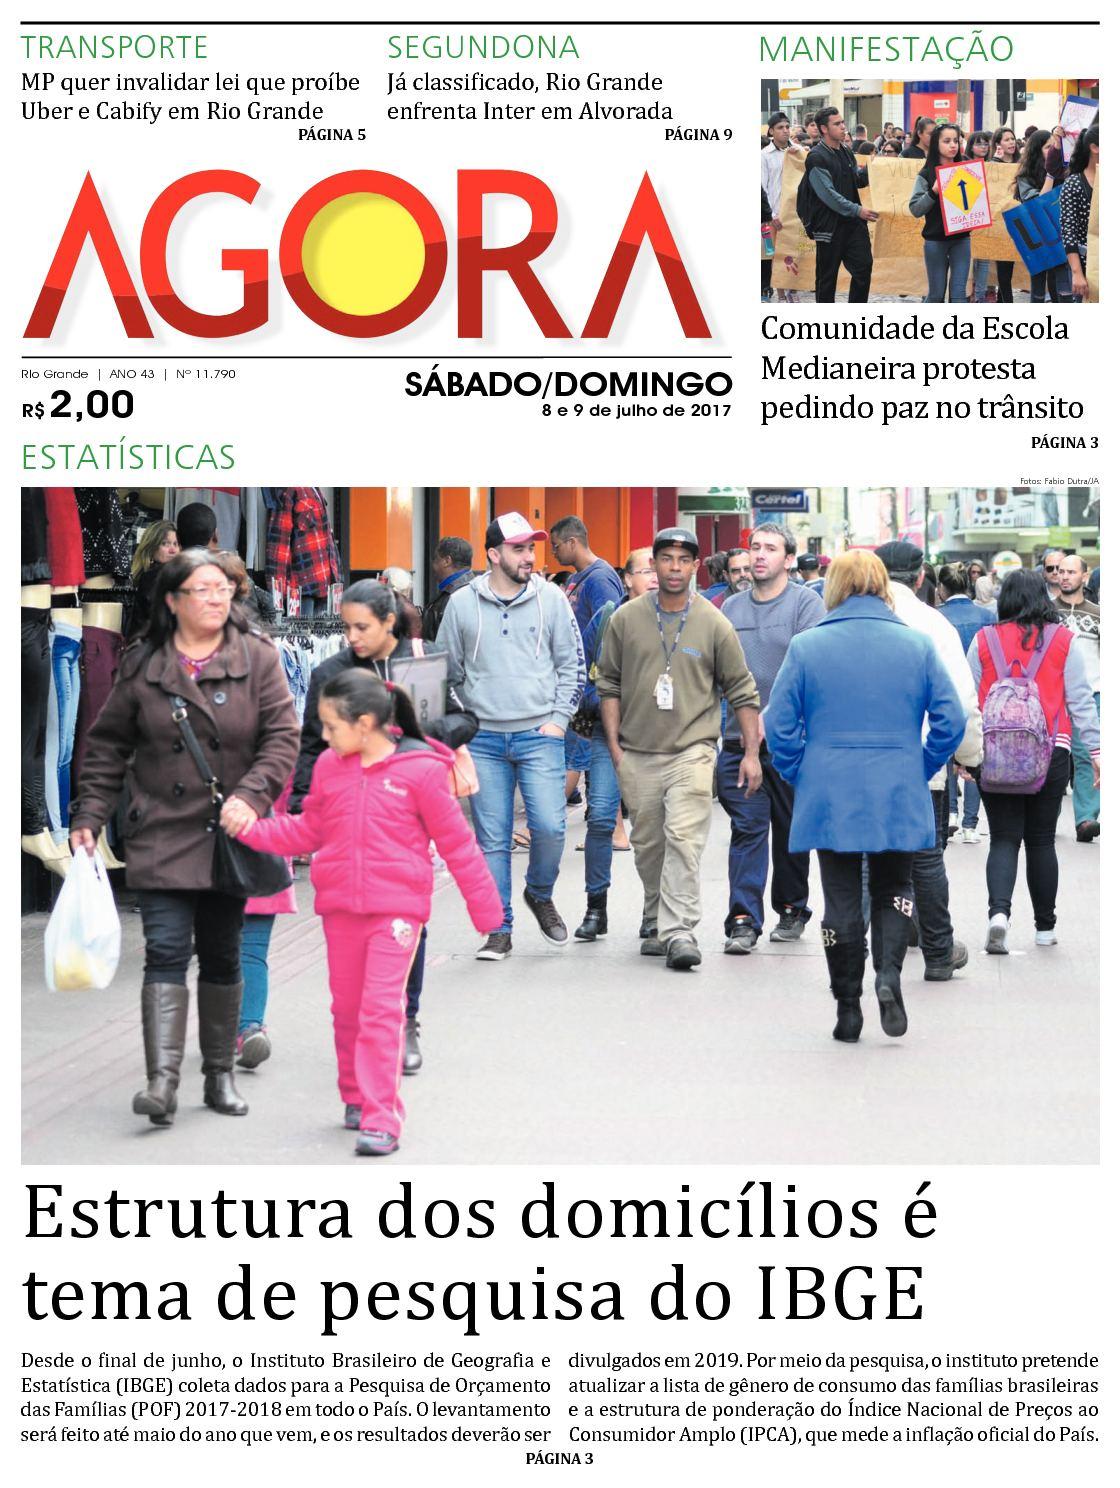 Jornal Agora - Edição 11790 - 8 e 9 de Julho de 2017